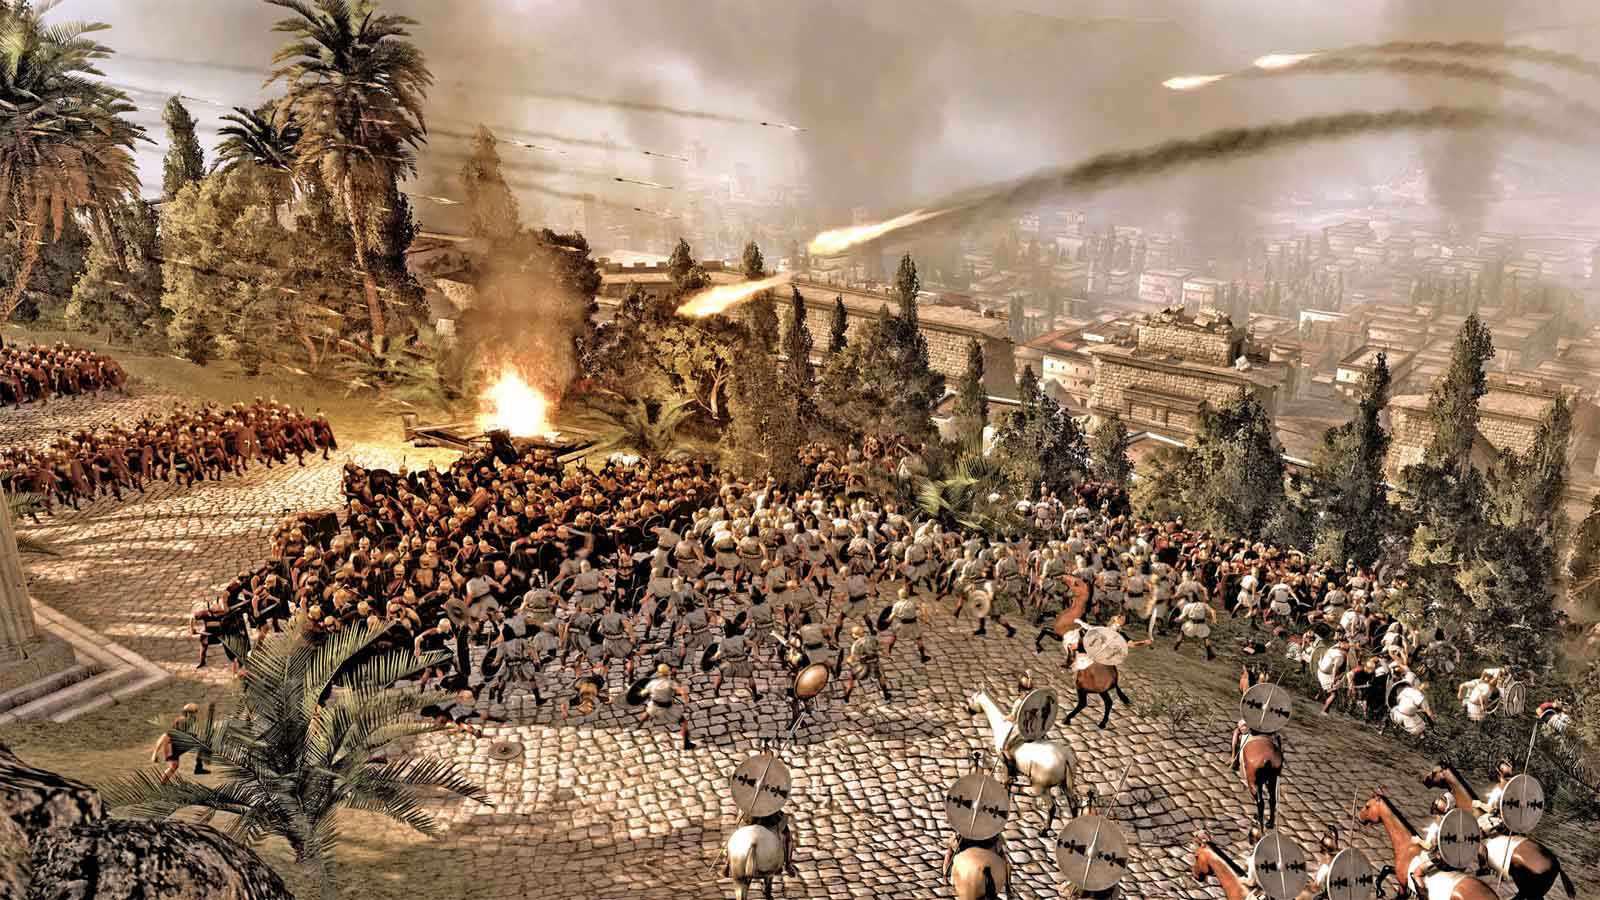 تحميل لعبة Total War Rome 2 مضغوطة كاملة بروابط مباشرة مجانا